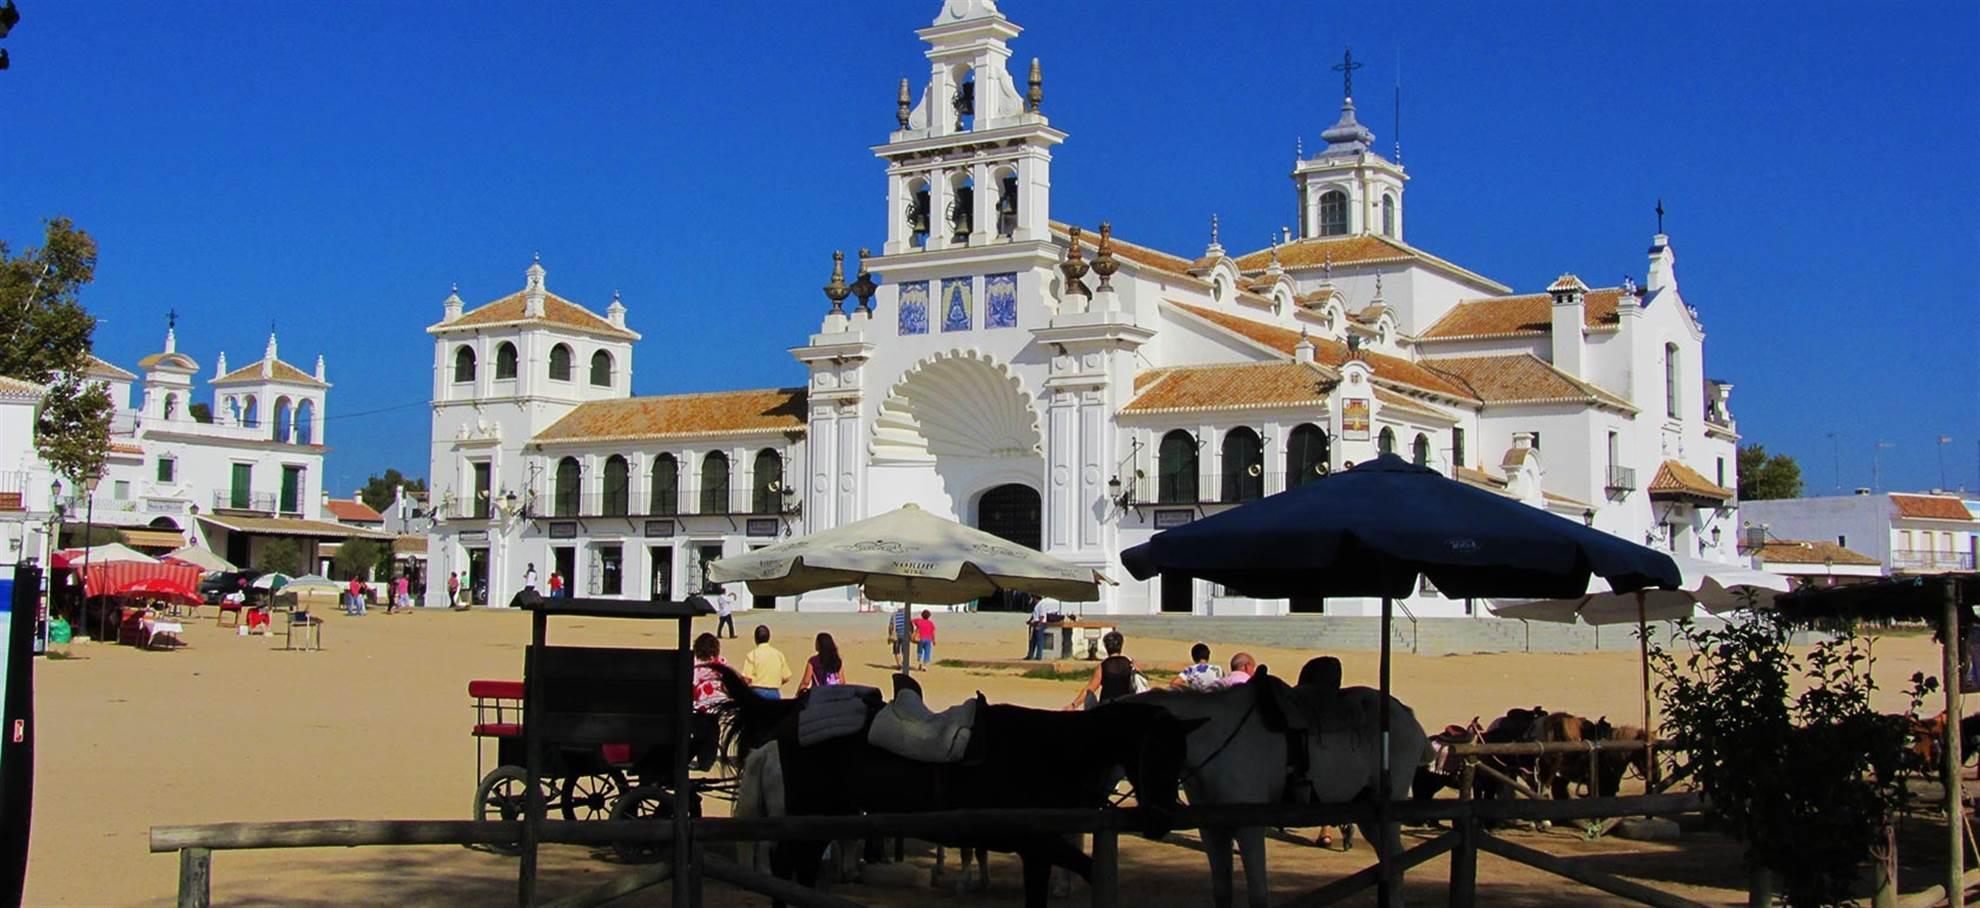 Doñana a partir de Sevilha – Dia Inteiro (SVQDONAN)